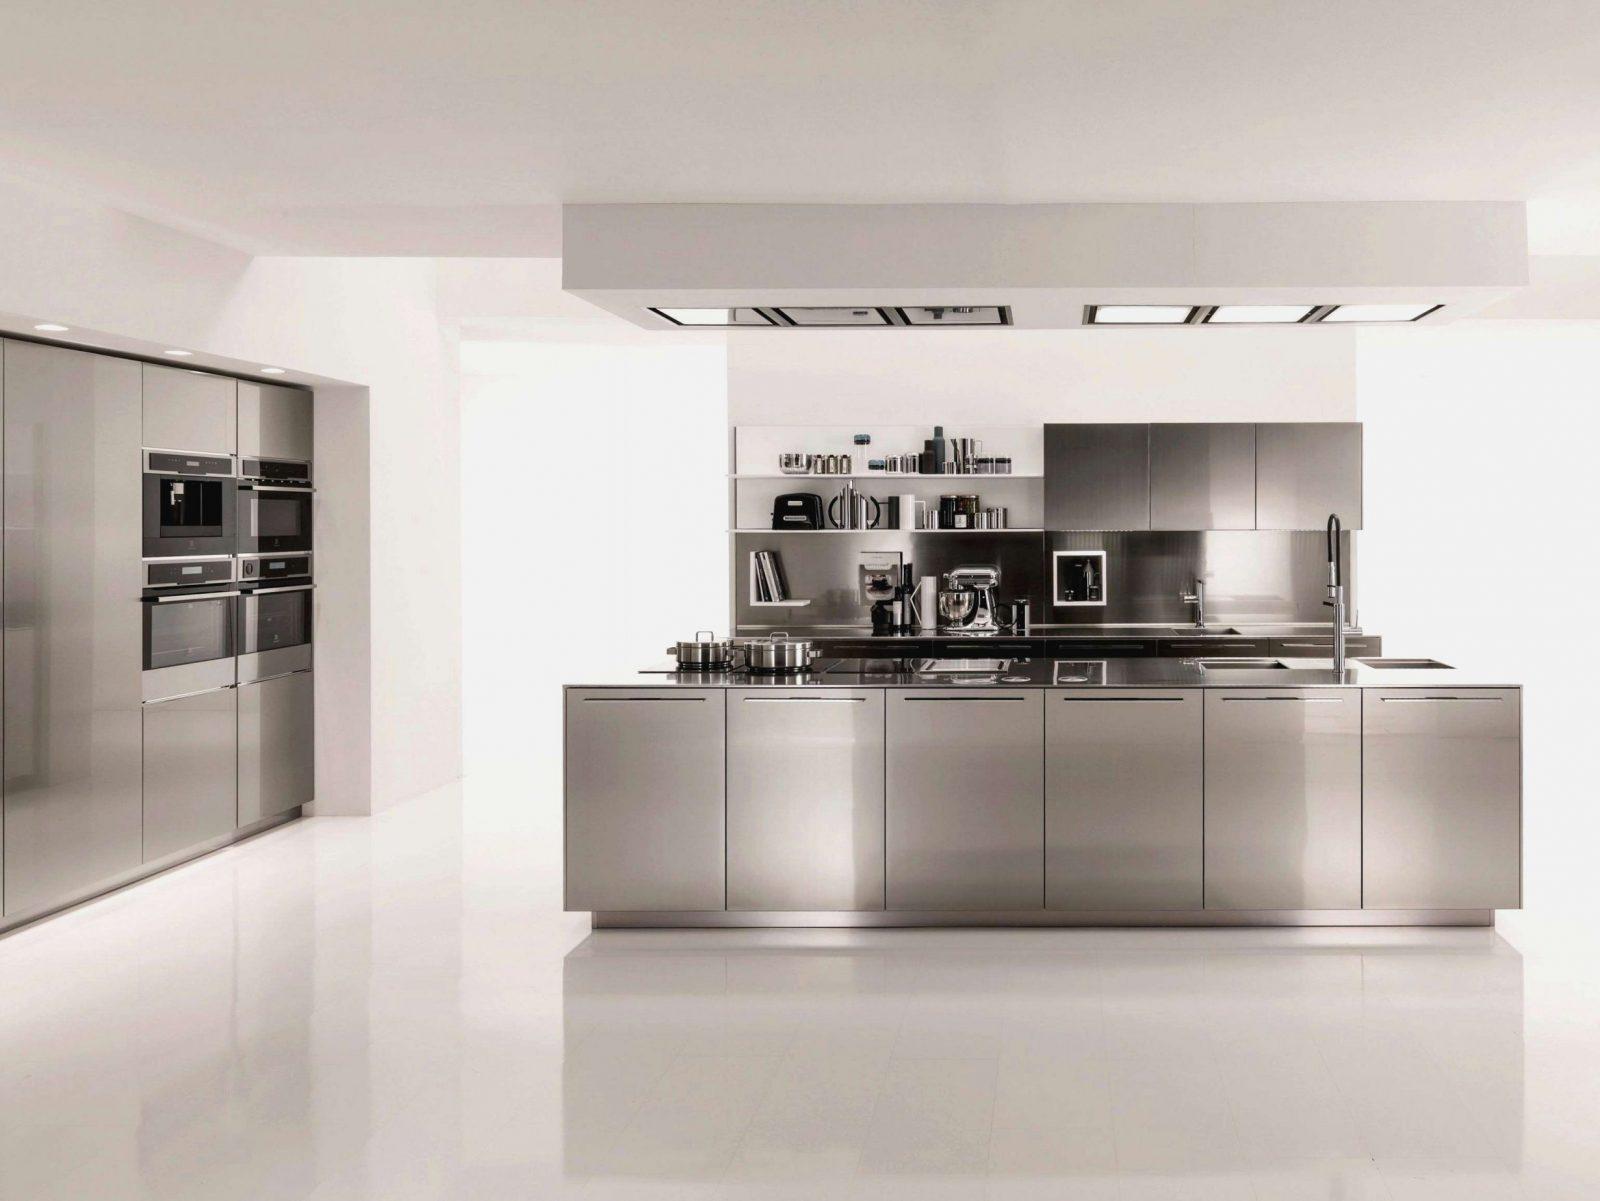 59 Schön Fene Küche Wohnzimmer Abtrennen Konzept Von Offene Küche von Offene Küche Abtrennen Bilder Photo